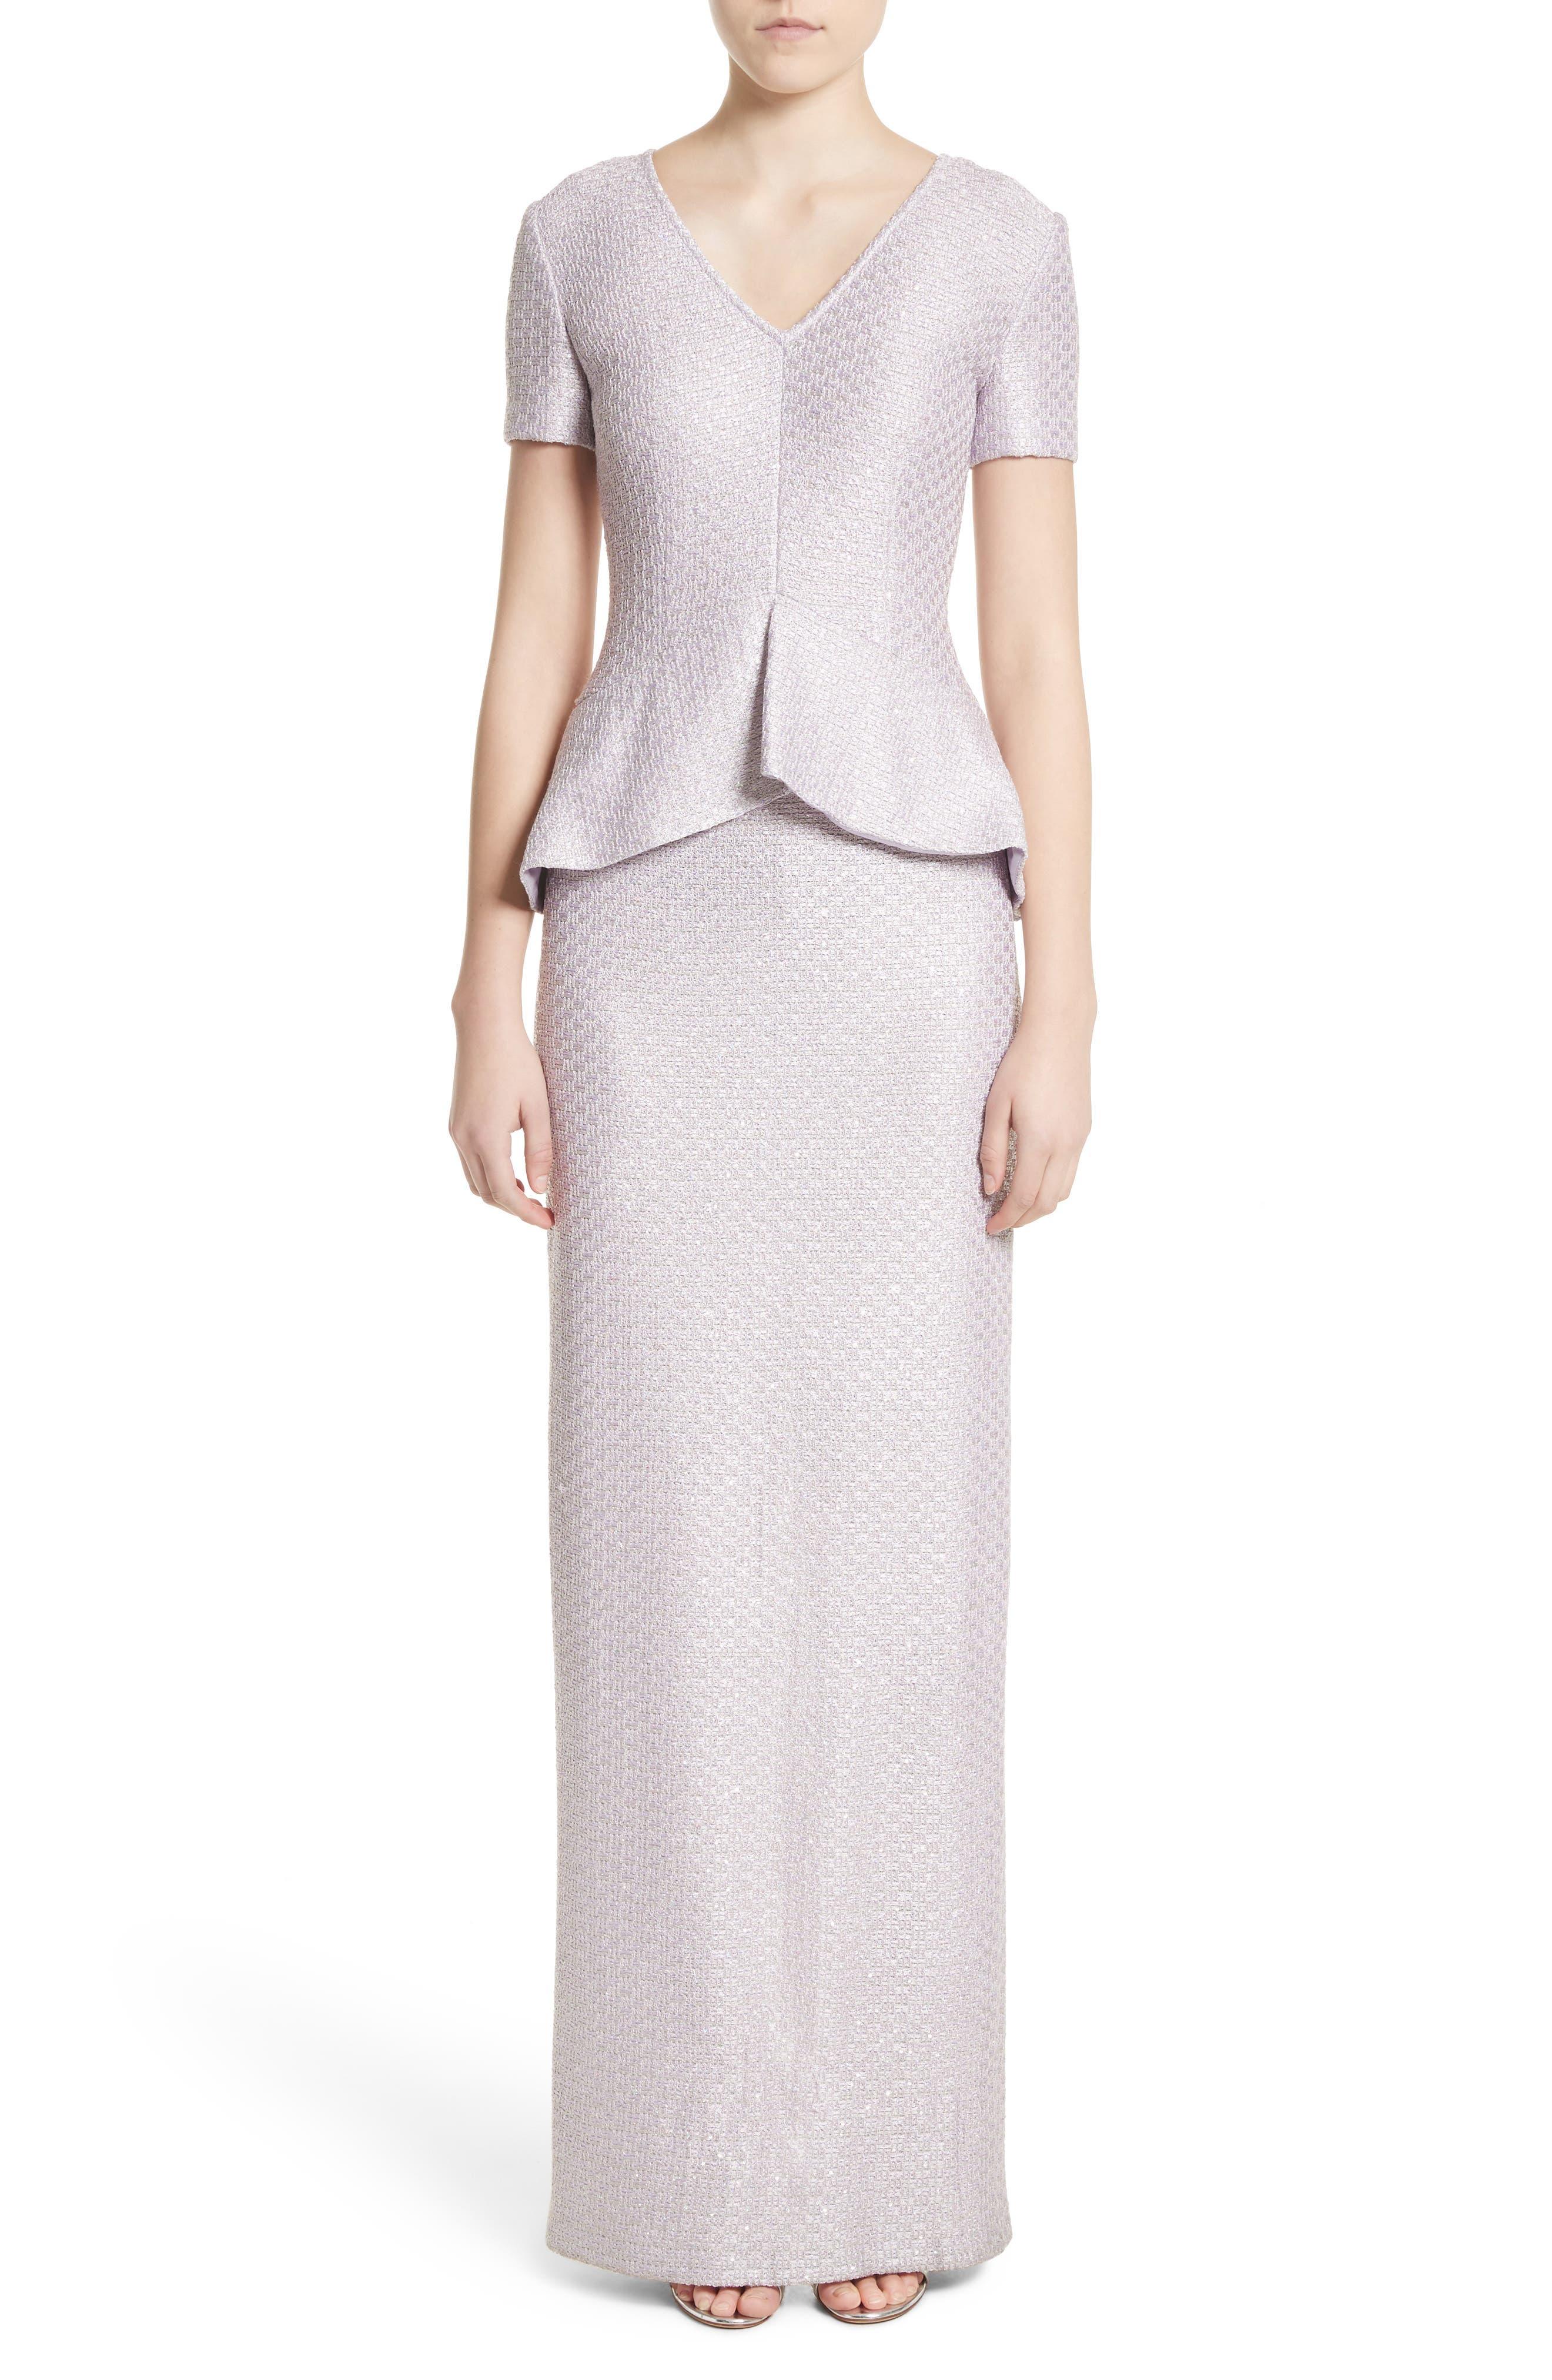 Hansh Sequin Knit Column Gown,                         Main,                         color,